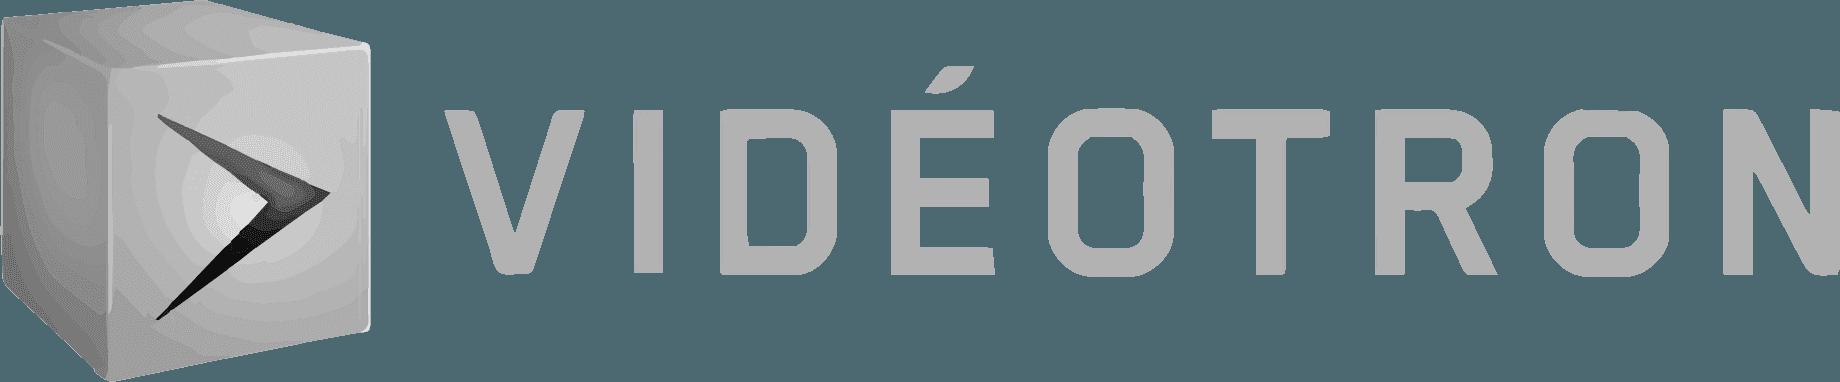 logo de videotron en gris